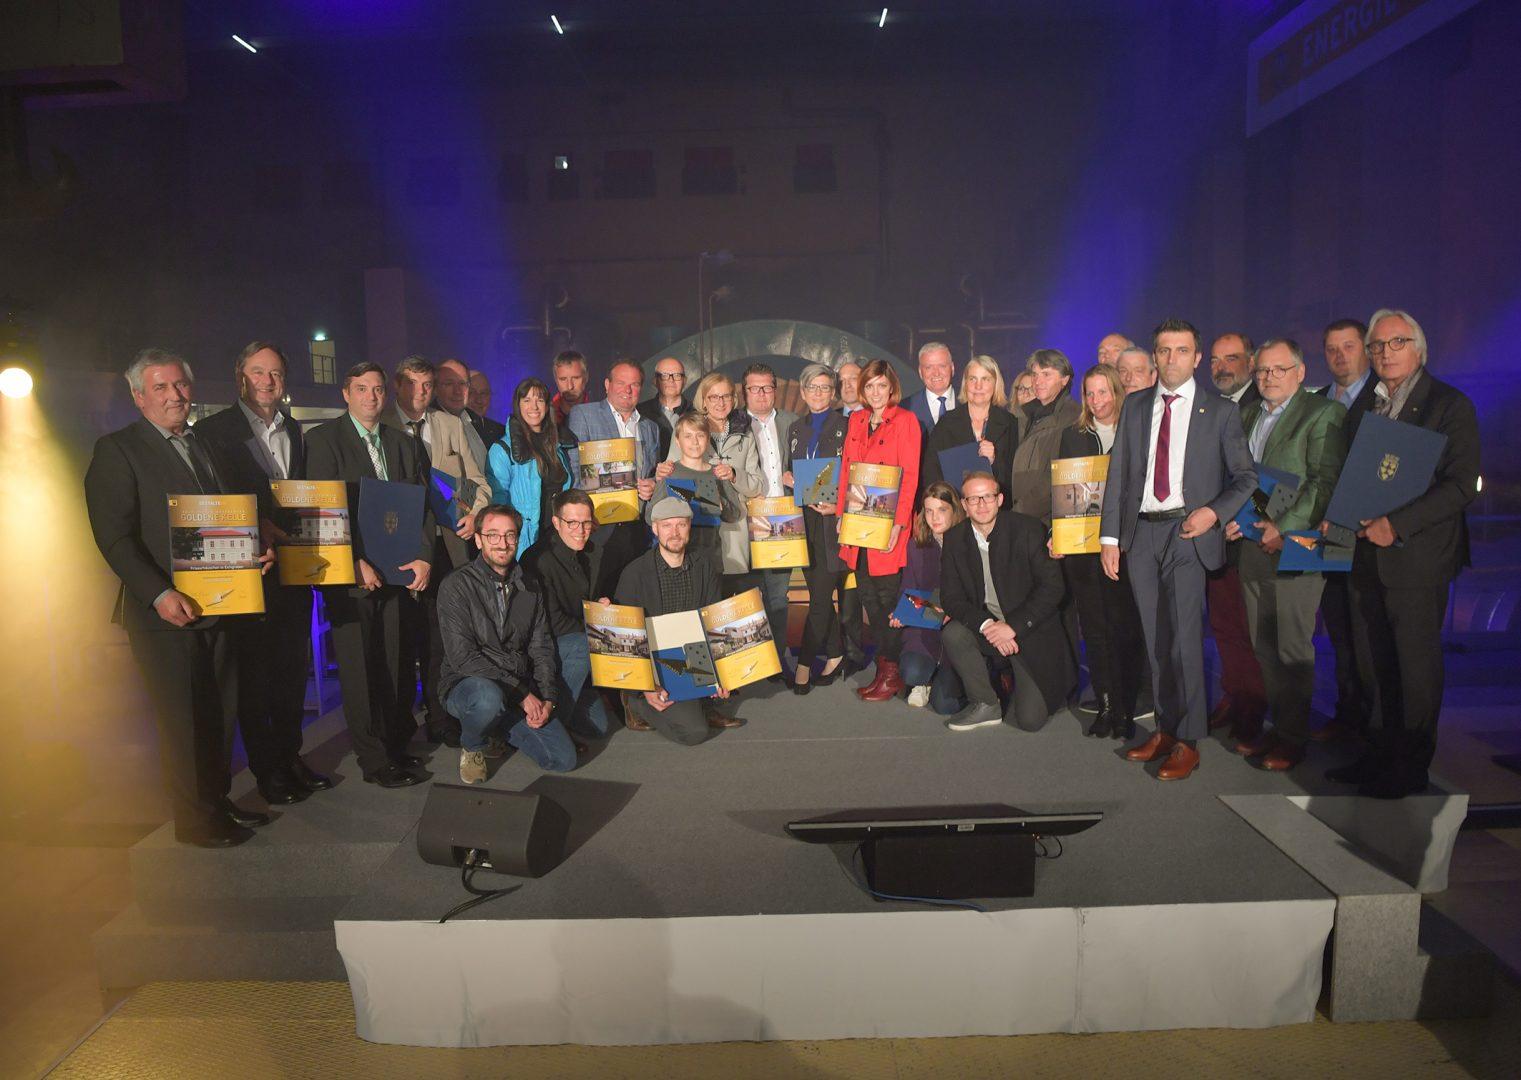 Gruppenfoto aller GewinnerInnen der Goldenen Kelle 2018